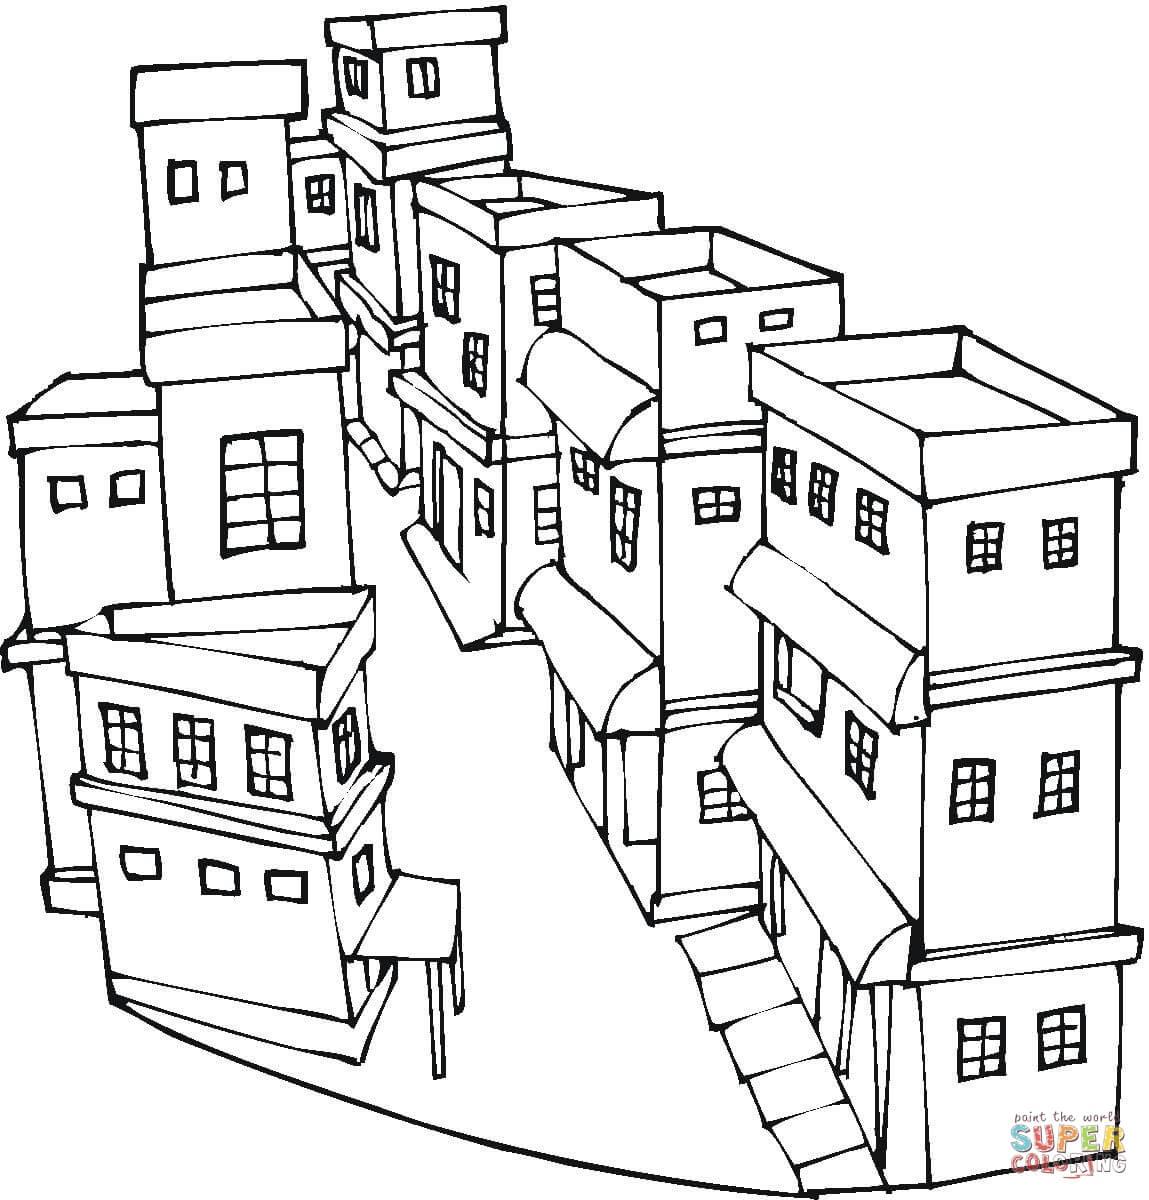 Neighborhood Coloring Page